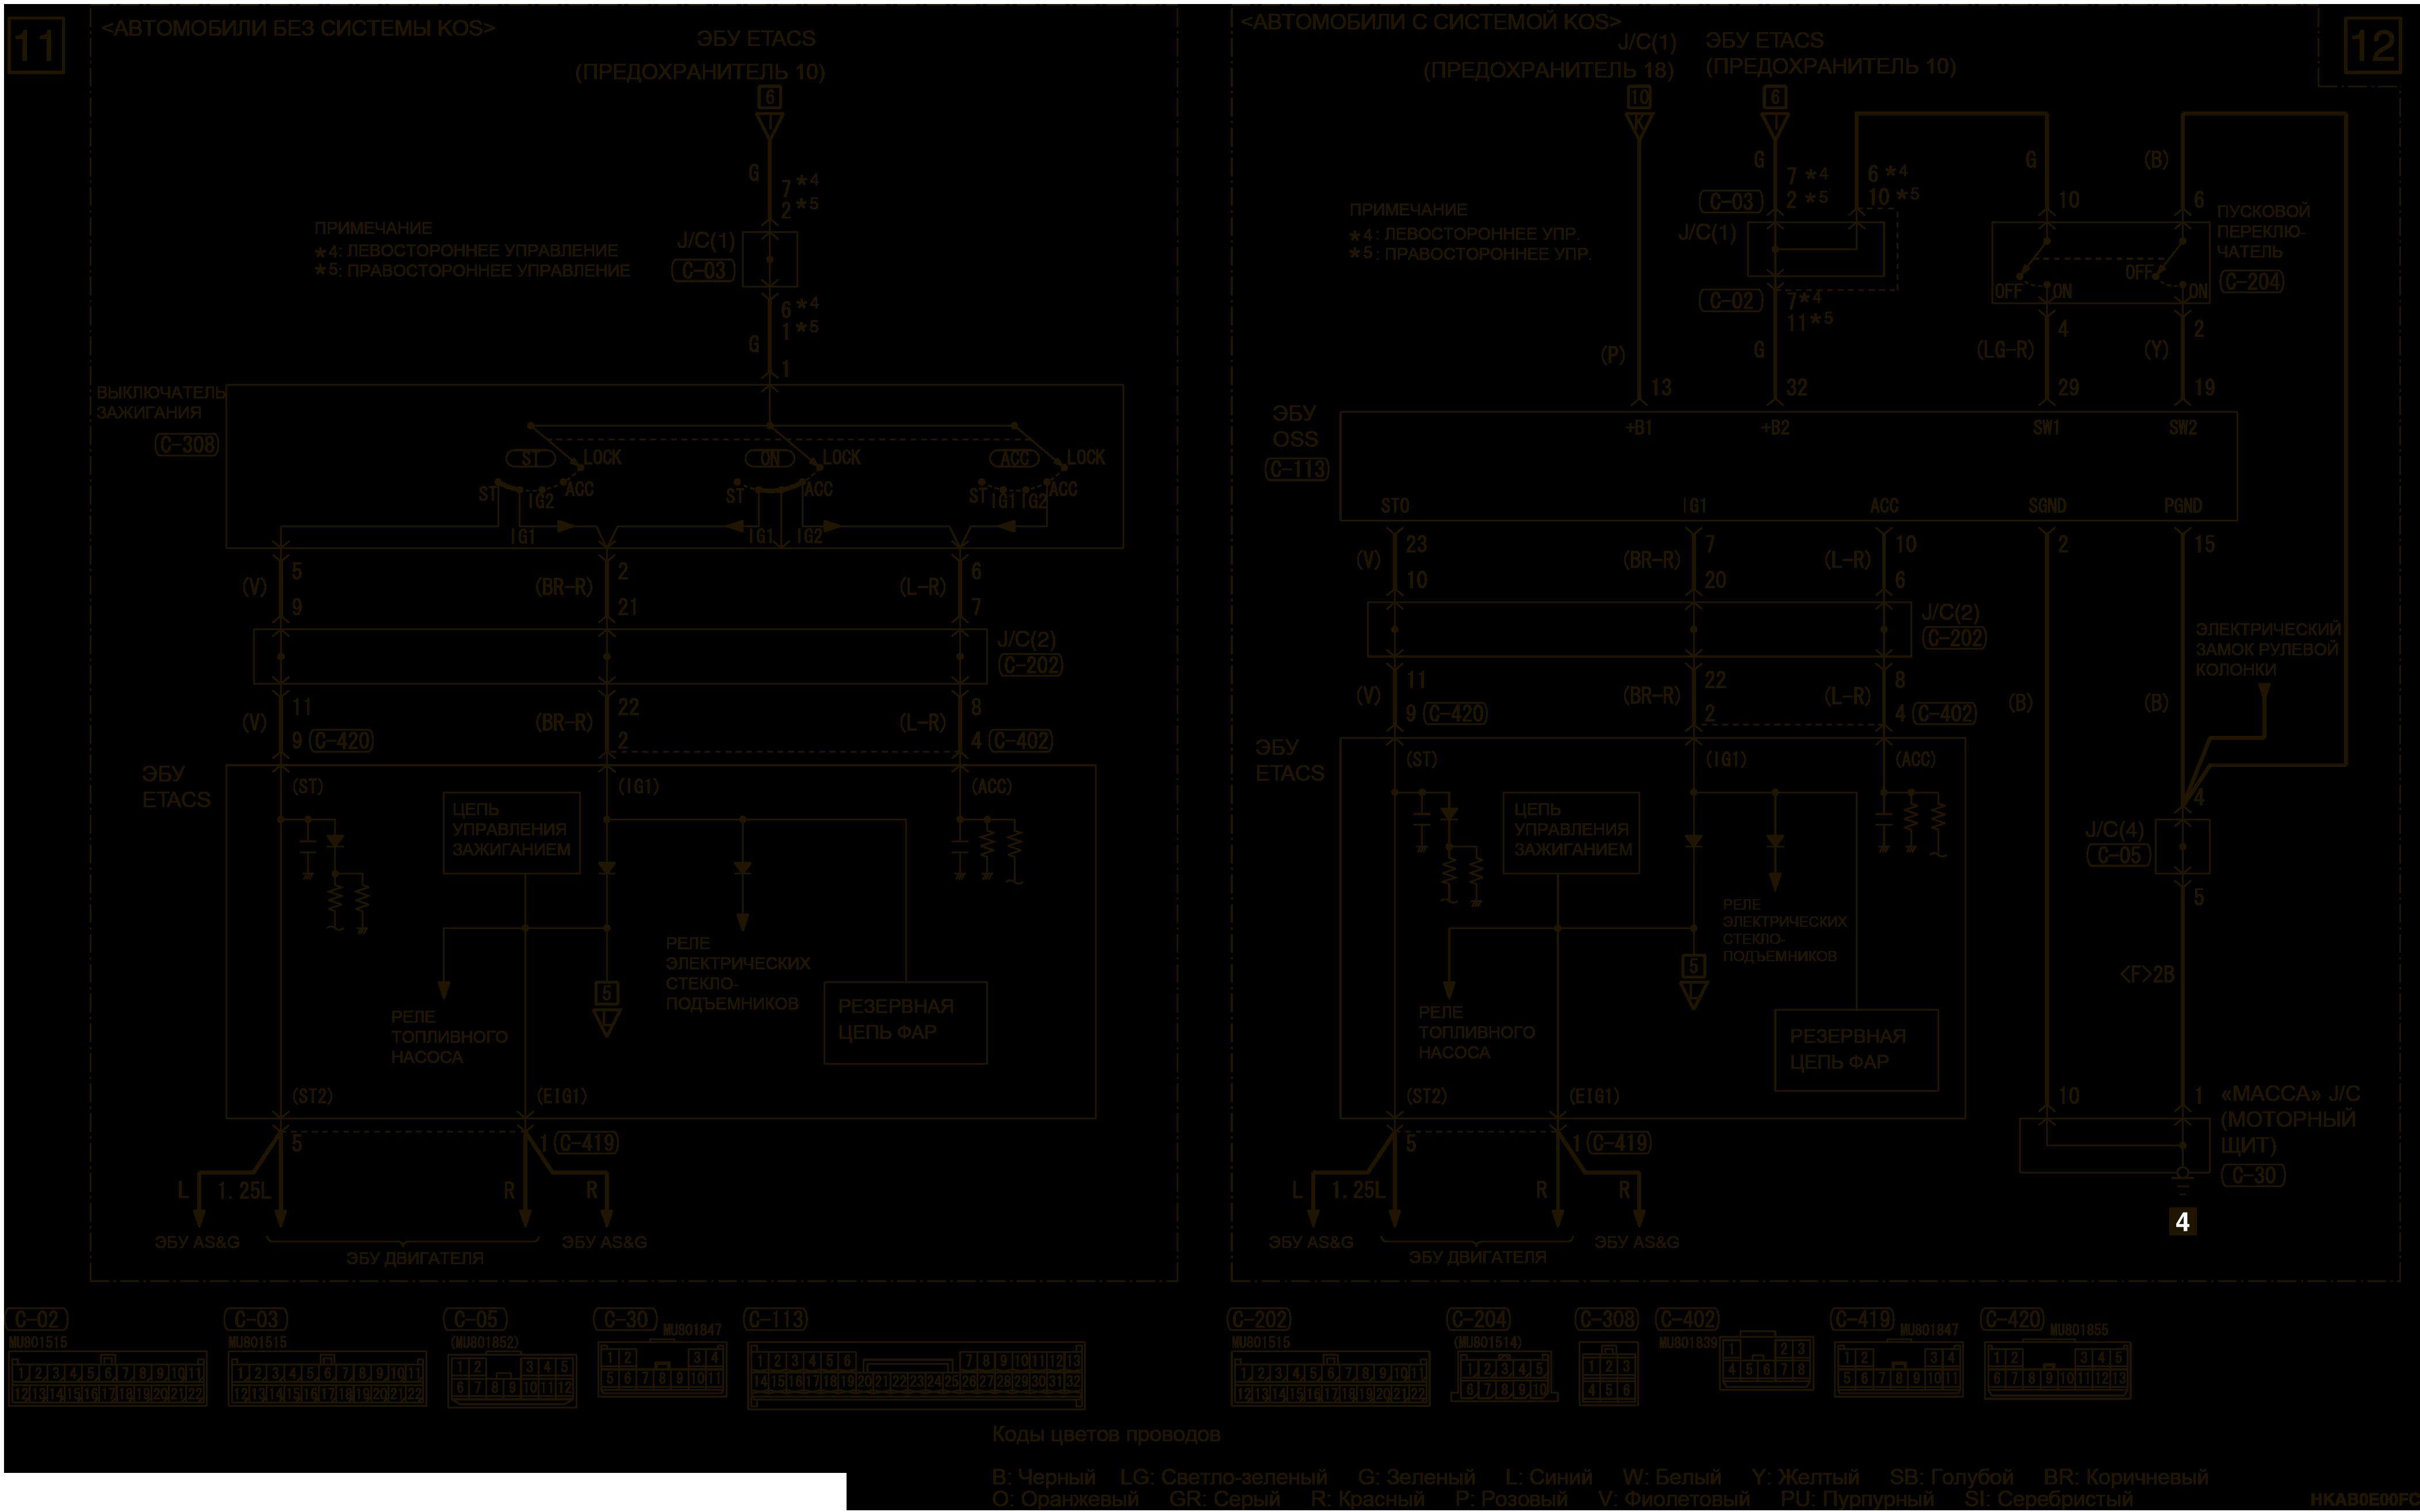 mmc аутлендер 3 2019 электросхемаСИСТЕМА РАСПРЕДЕЛЕНИЯ ЭЛЕКТРОПИТАНИЯ